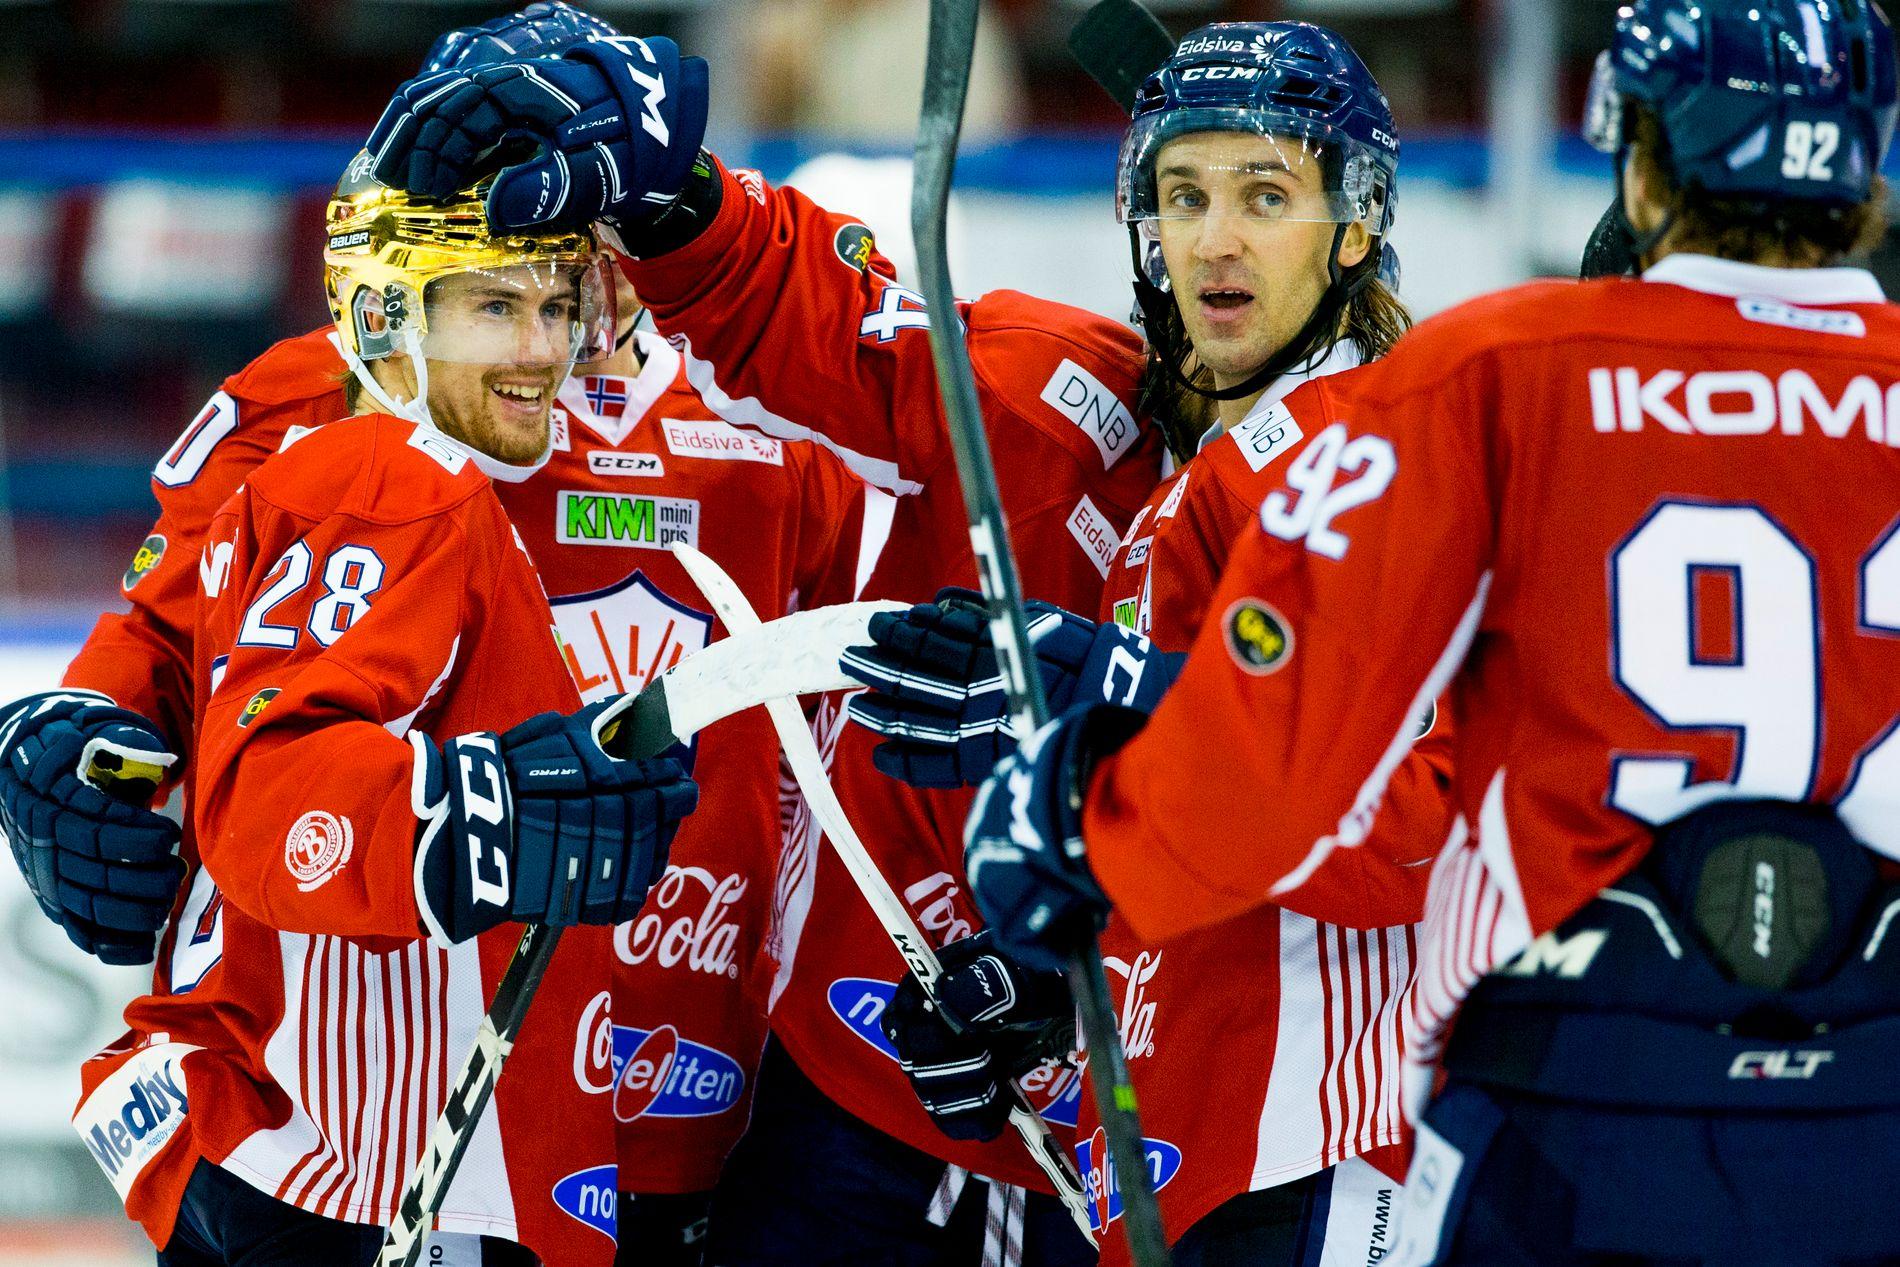 I SLAG: Stephan Vigier har god grunn til å smile av resultatene så langt denne sesongen. Her sammen med Joakim Arnestad-Eidsæther (t.h.) fra oppgjøret mot Vålerenga.